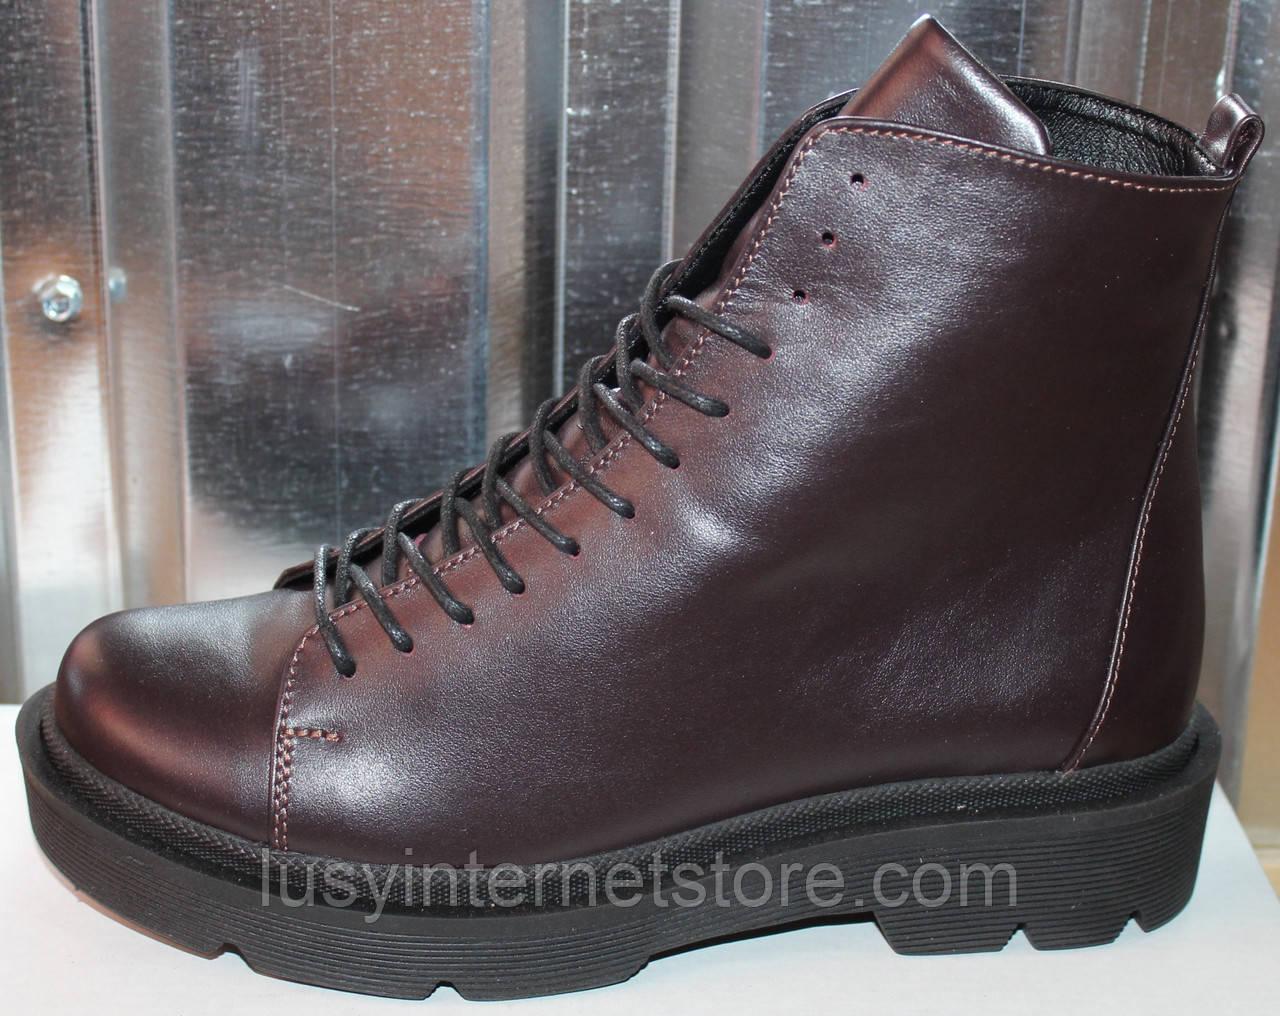 Ботинки кожаные женские демисезонные от производителя модель СА240-1